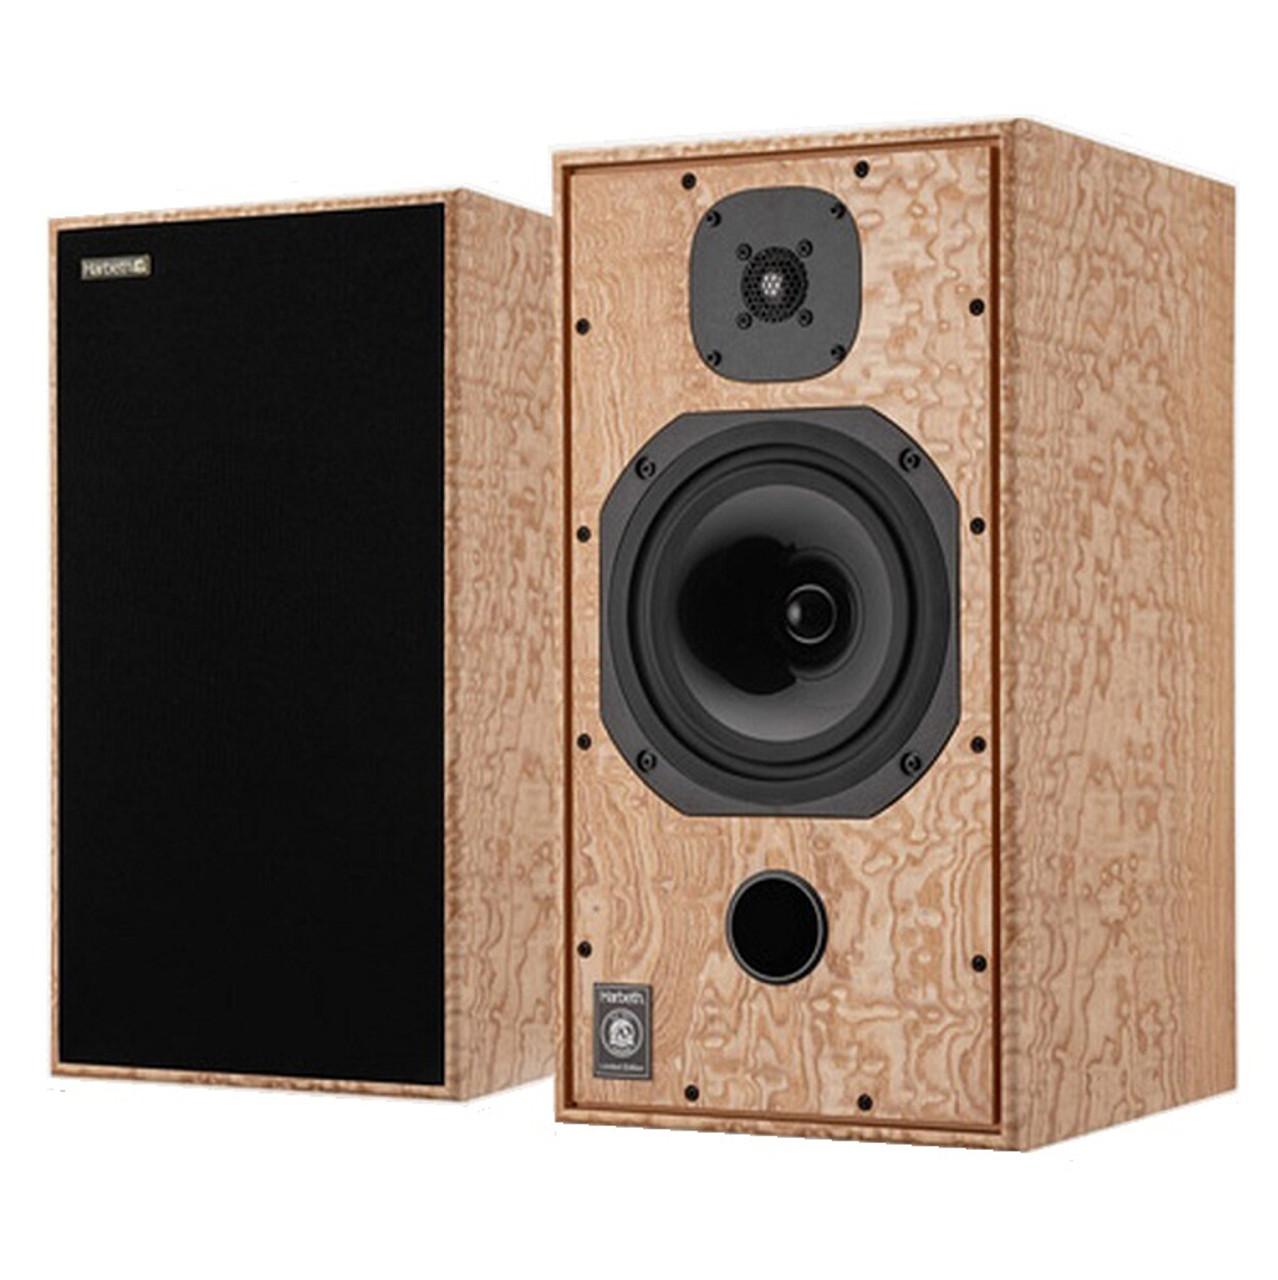 Harbeth Monitor Compact 7ES-3 XD speakers